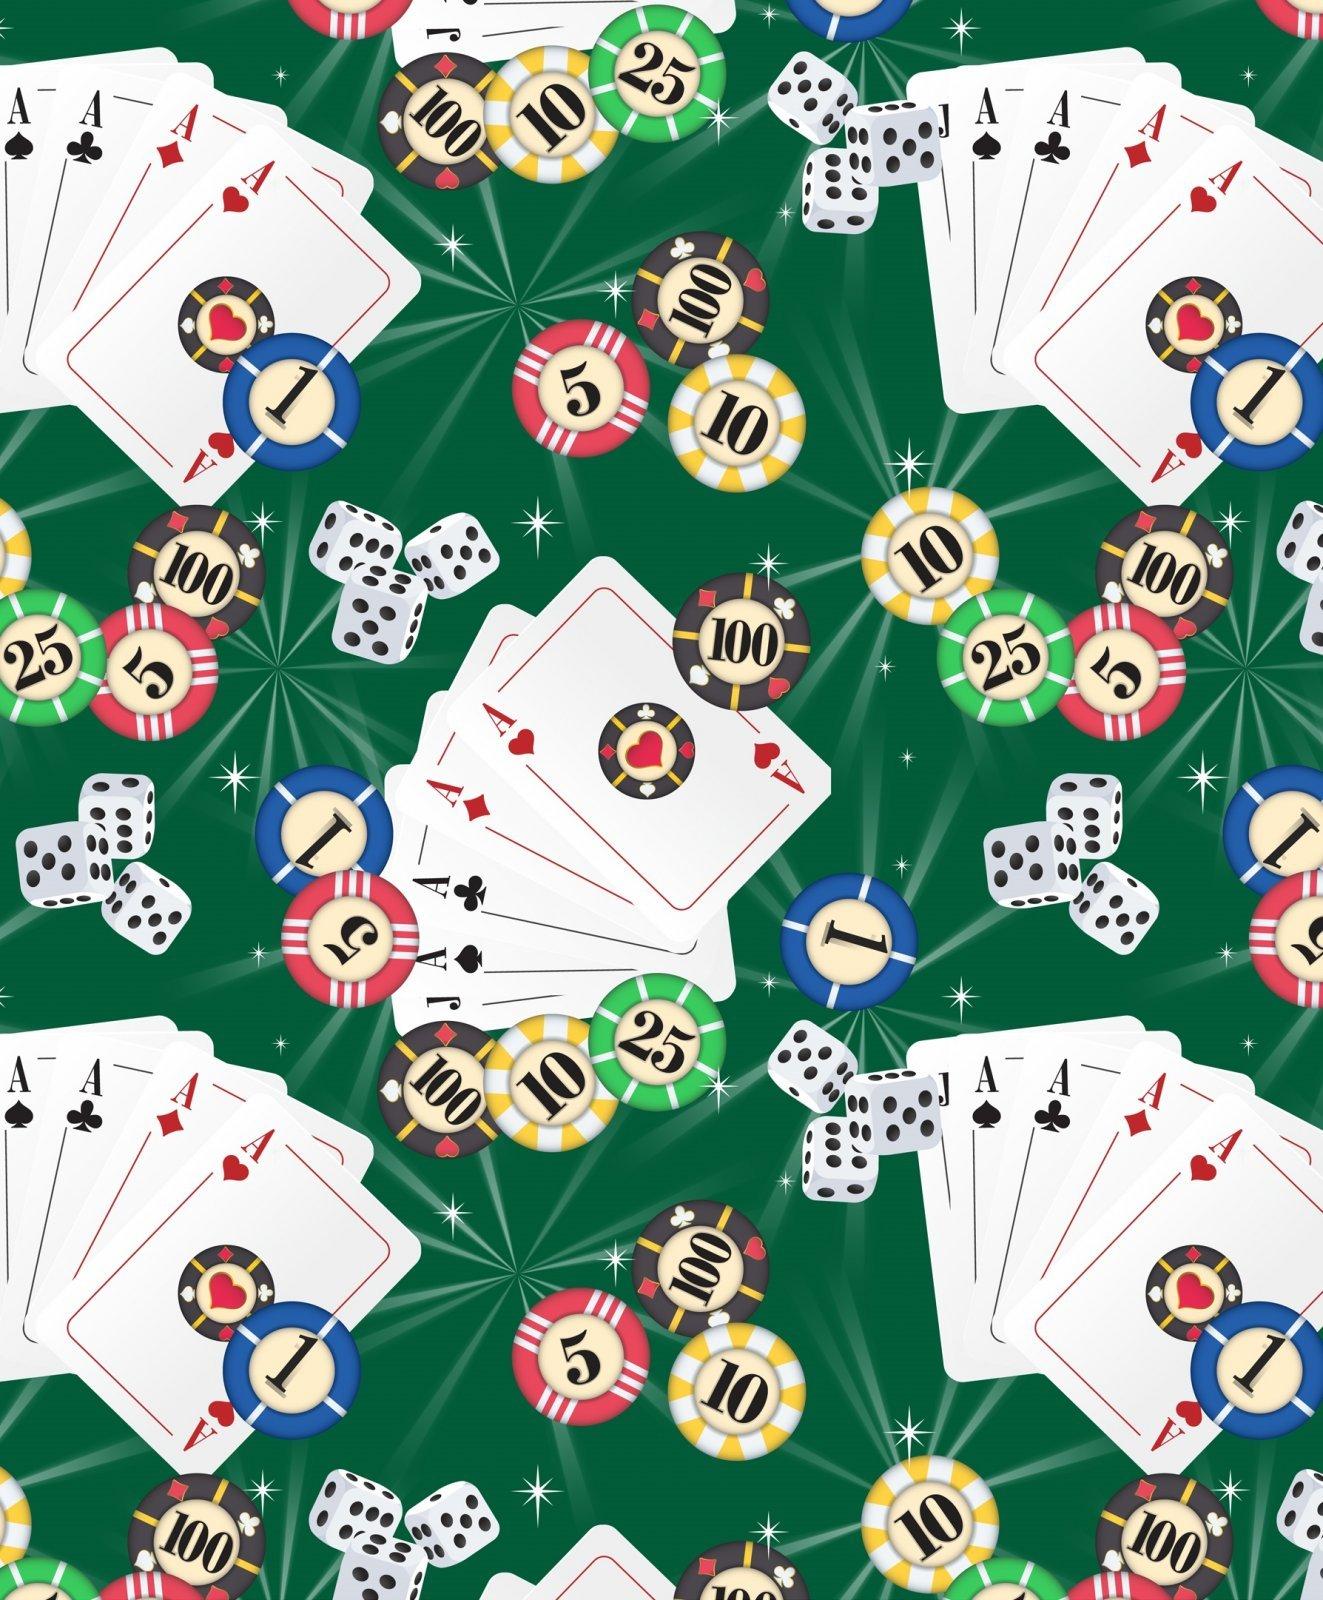 Casino 2529 Poker Gear Green